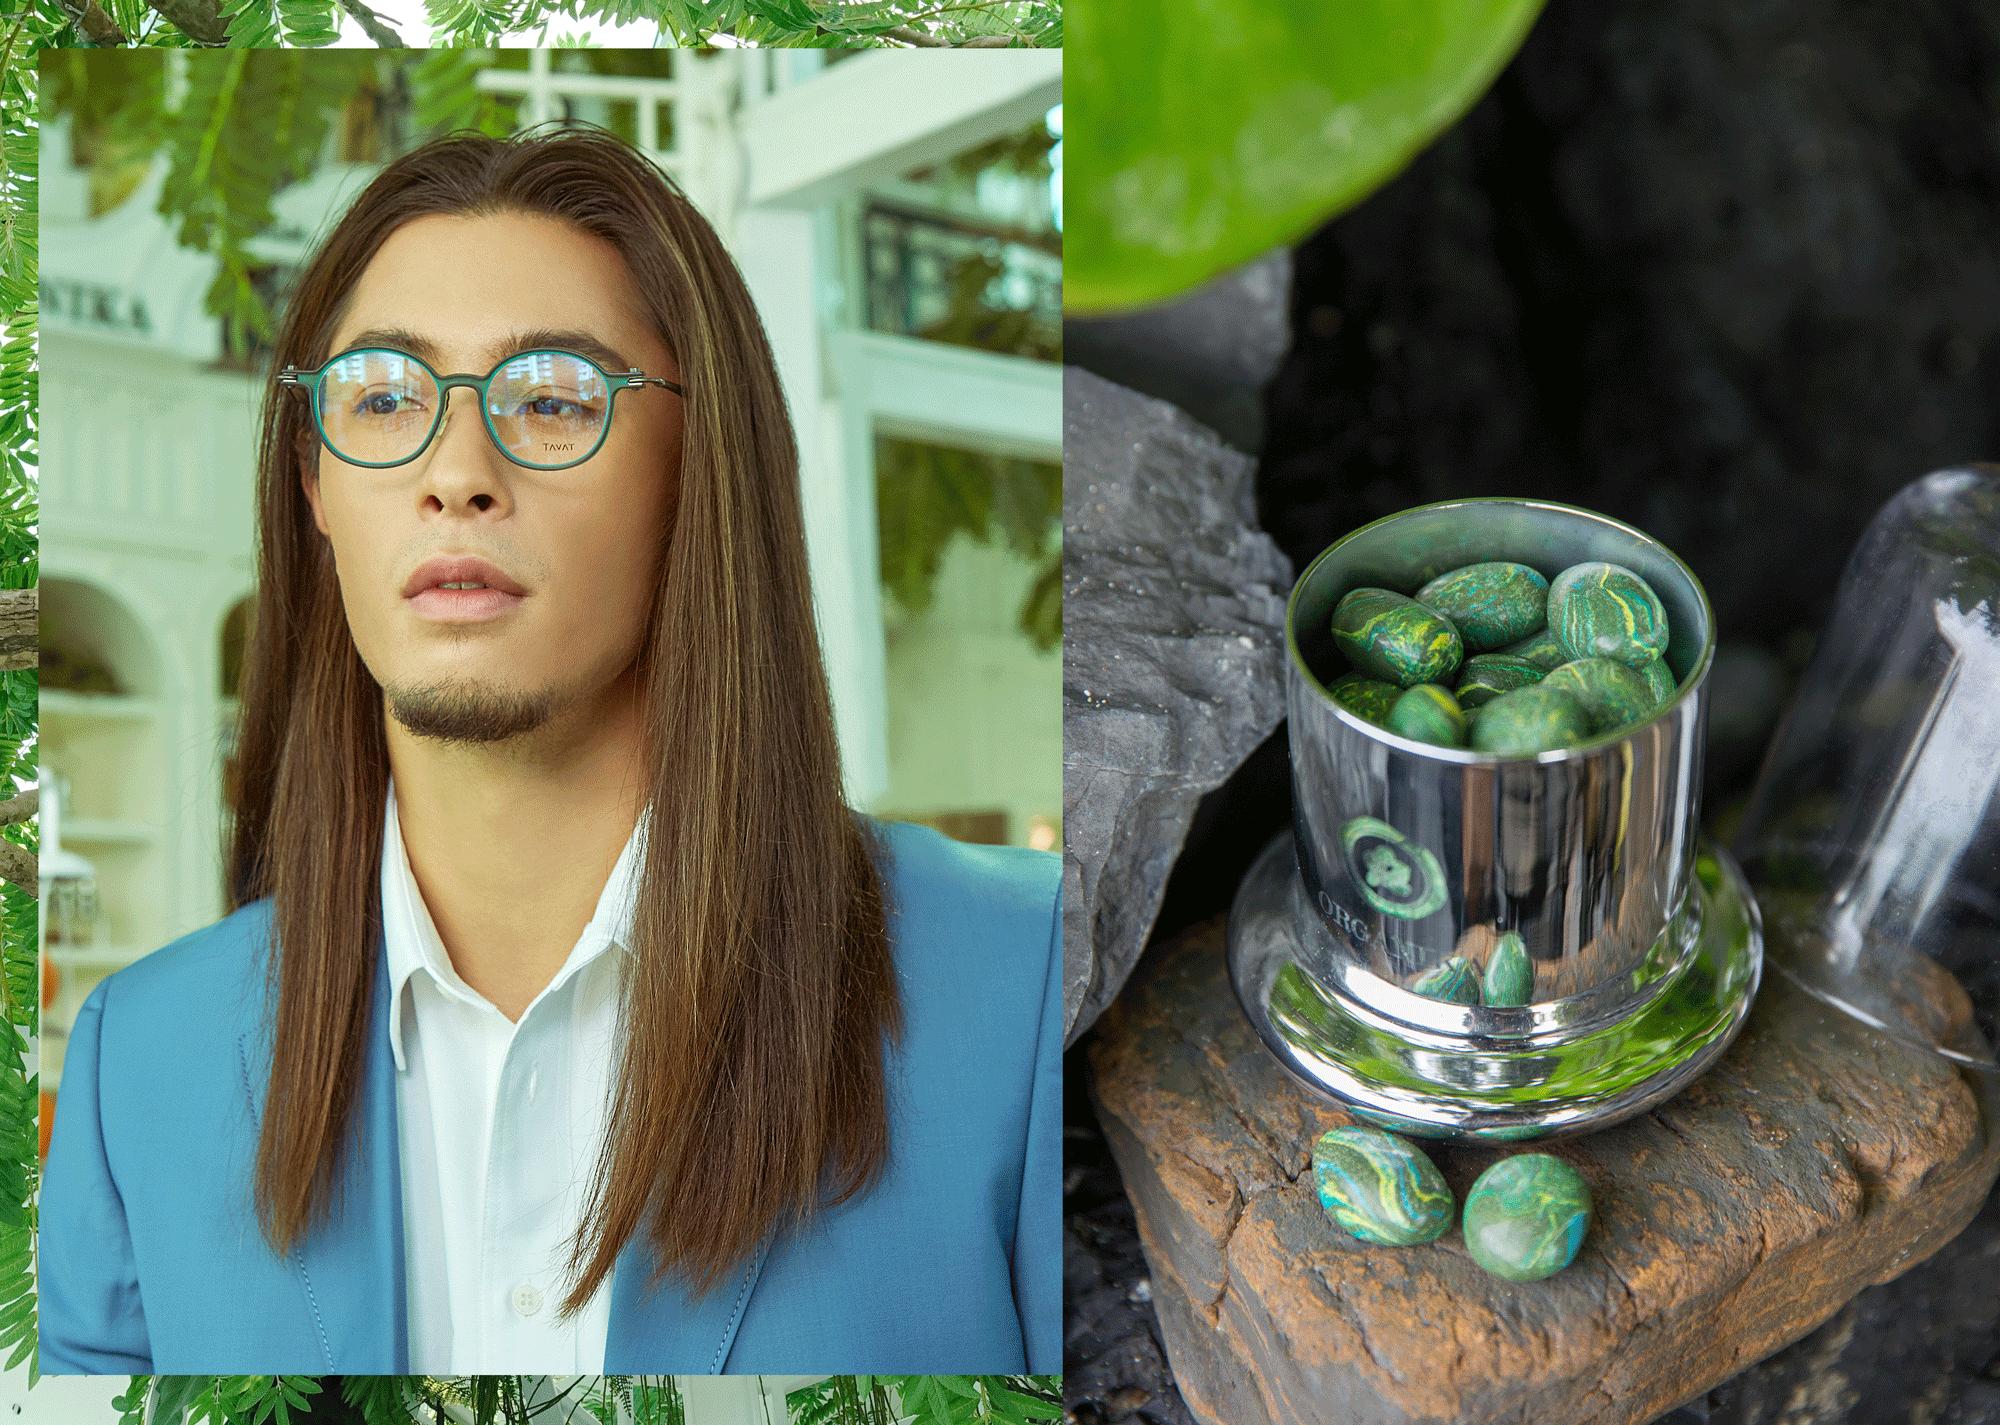 Felix : Clothes : CK Calvin Klein / eyeglasses : TAVAT - Organika Scent Stone